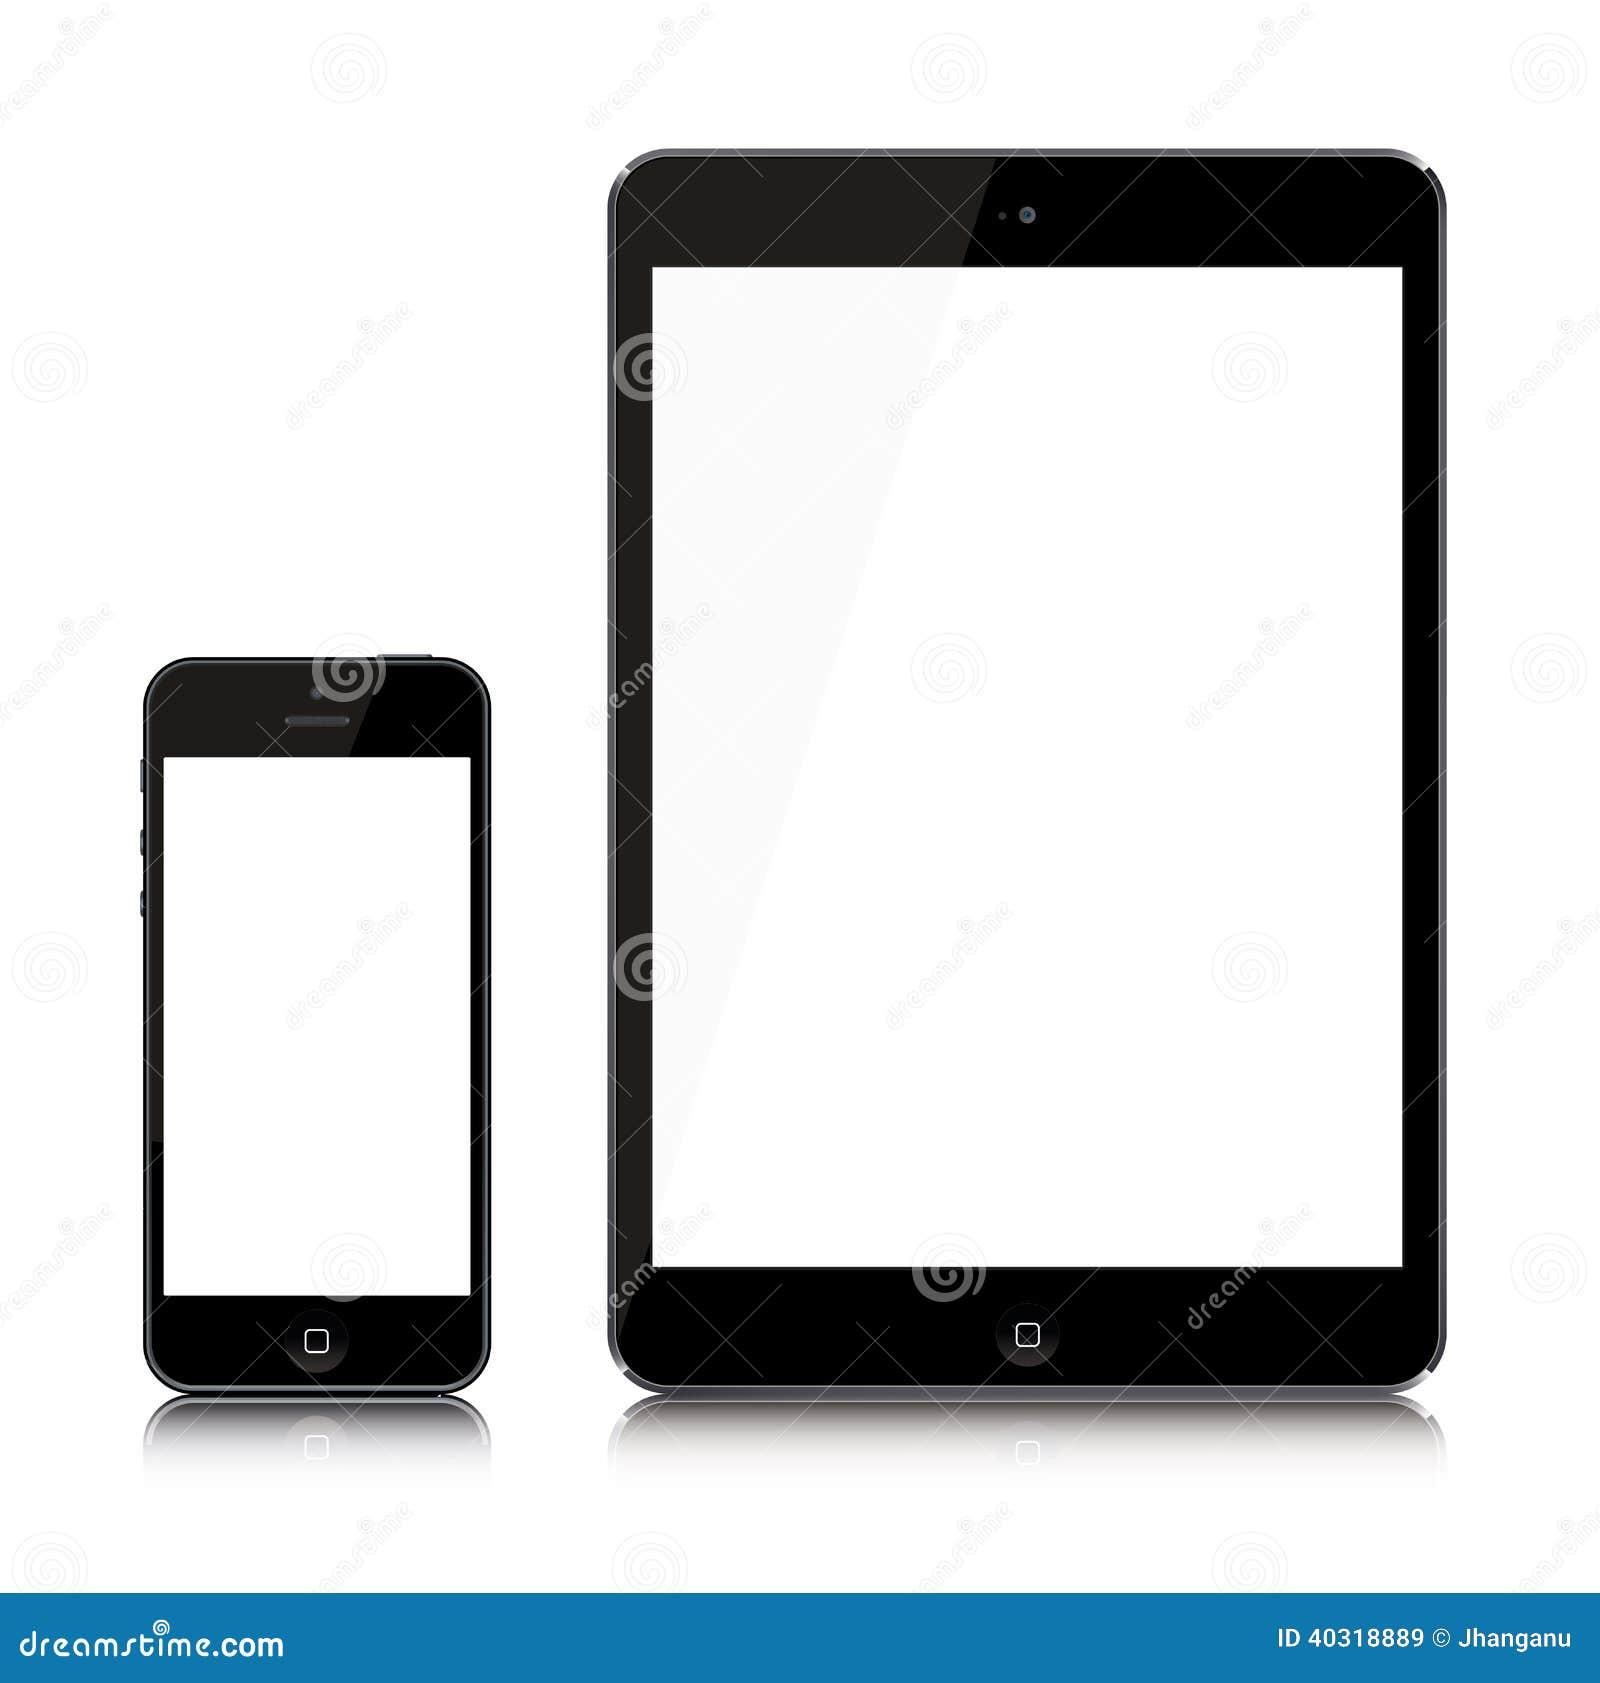 最新的iPad和iPhone